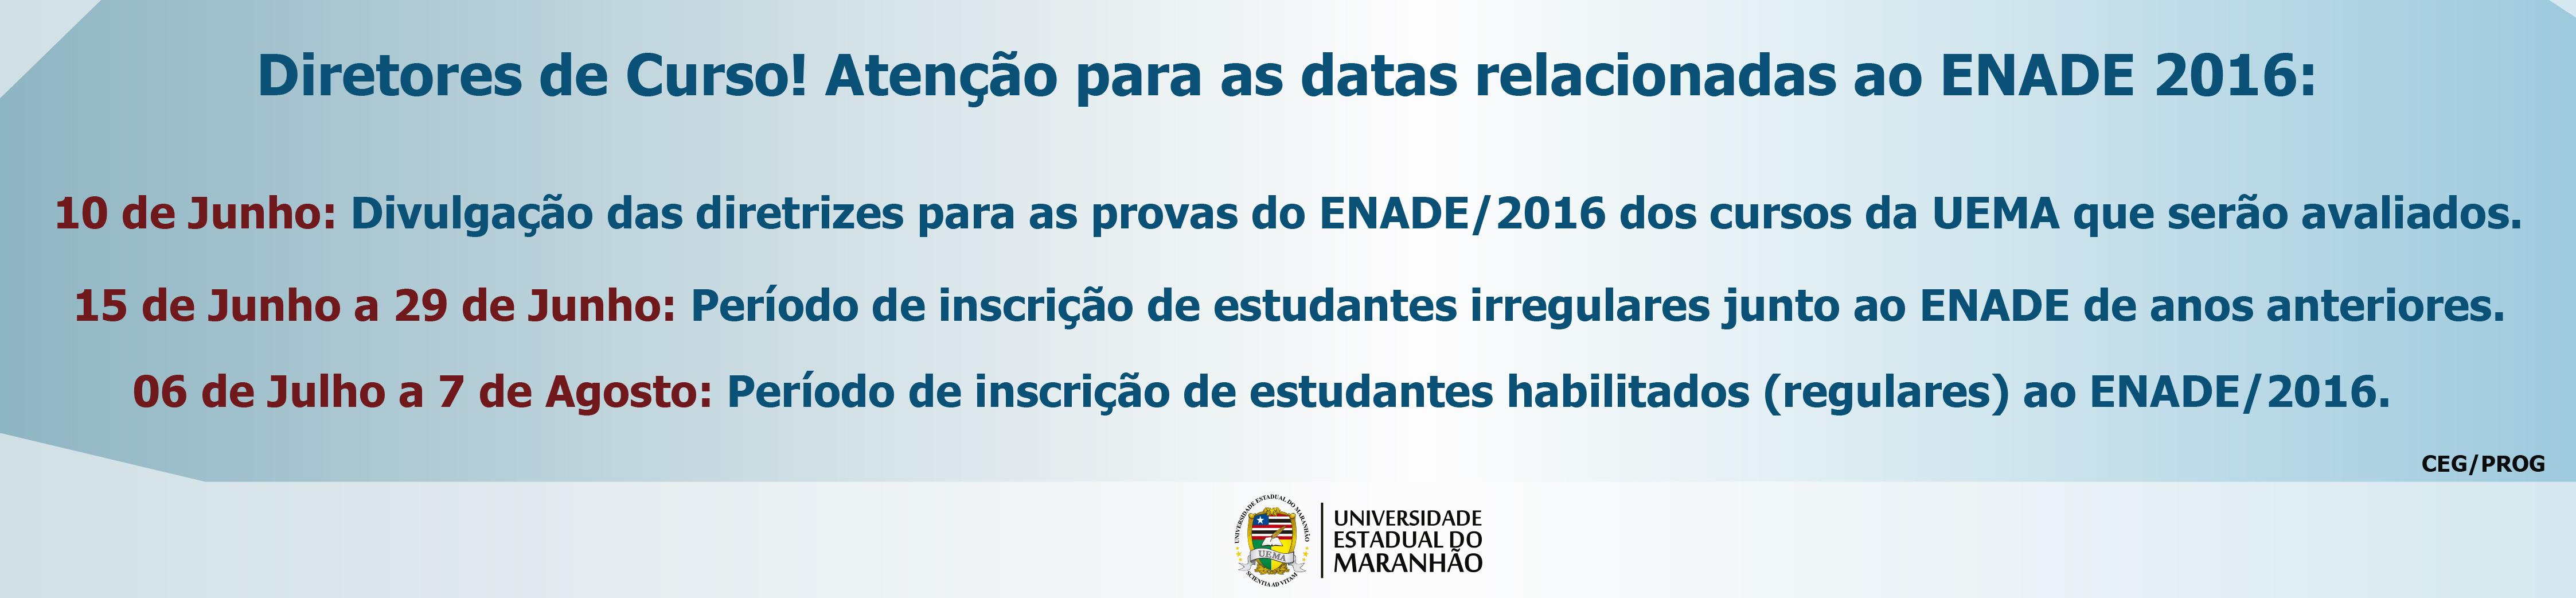 cursos-enade-1